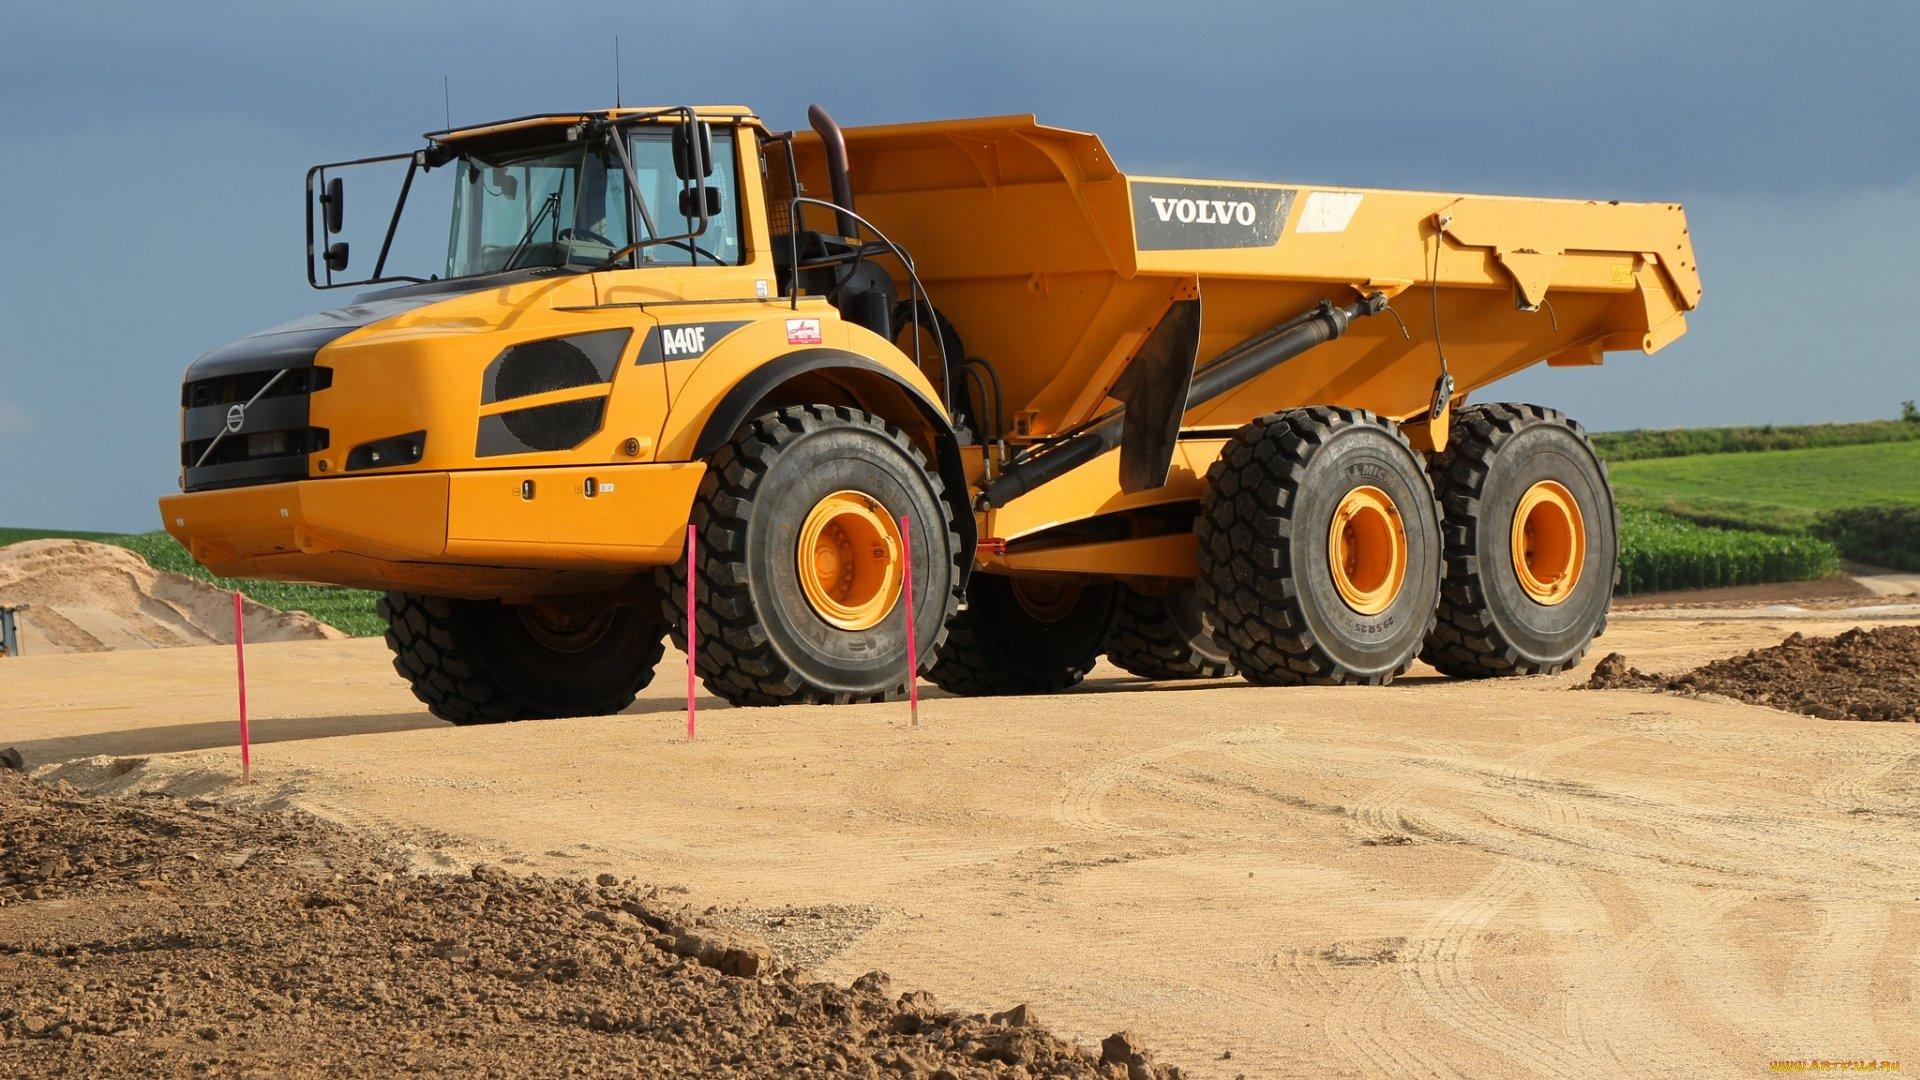 Wallpaper Truck Volvo >> Volvo Machinery truck havey mine machine wallpaper | 1920x1080 | 497310 | WallpaperUP